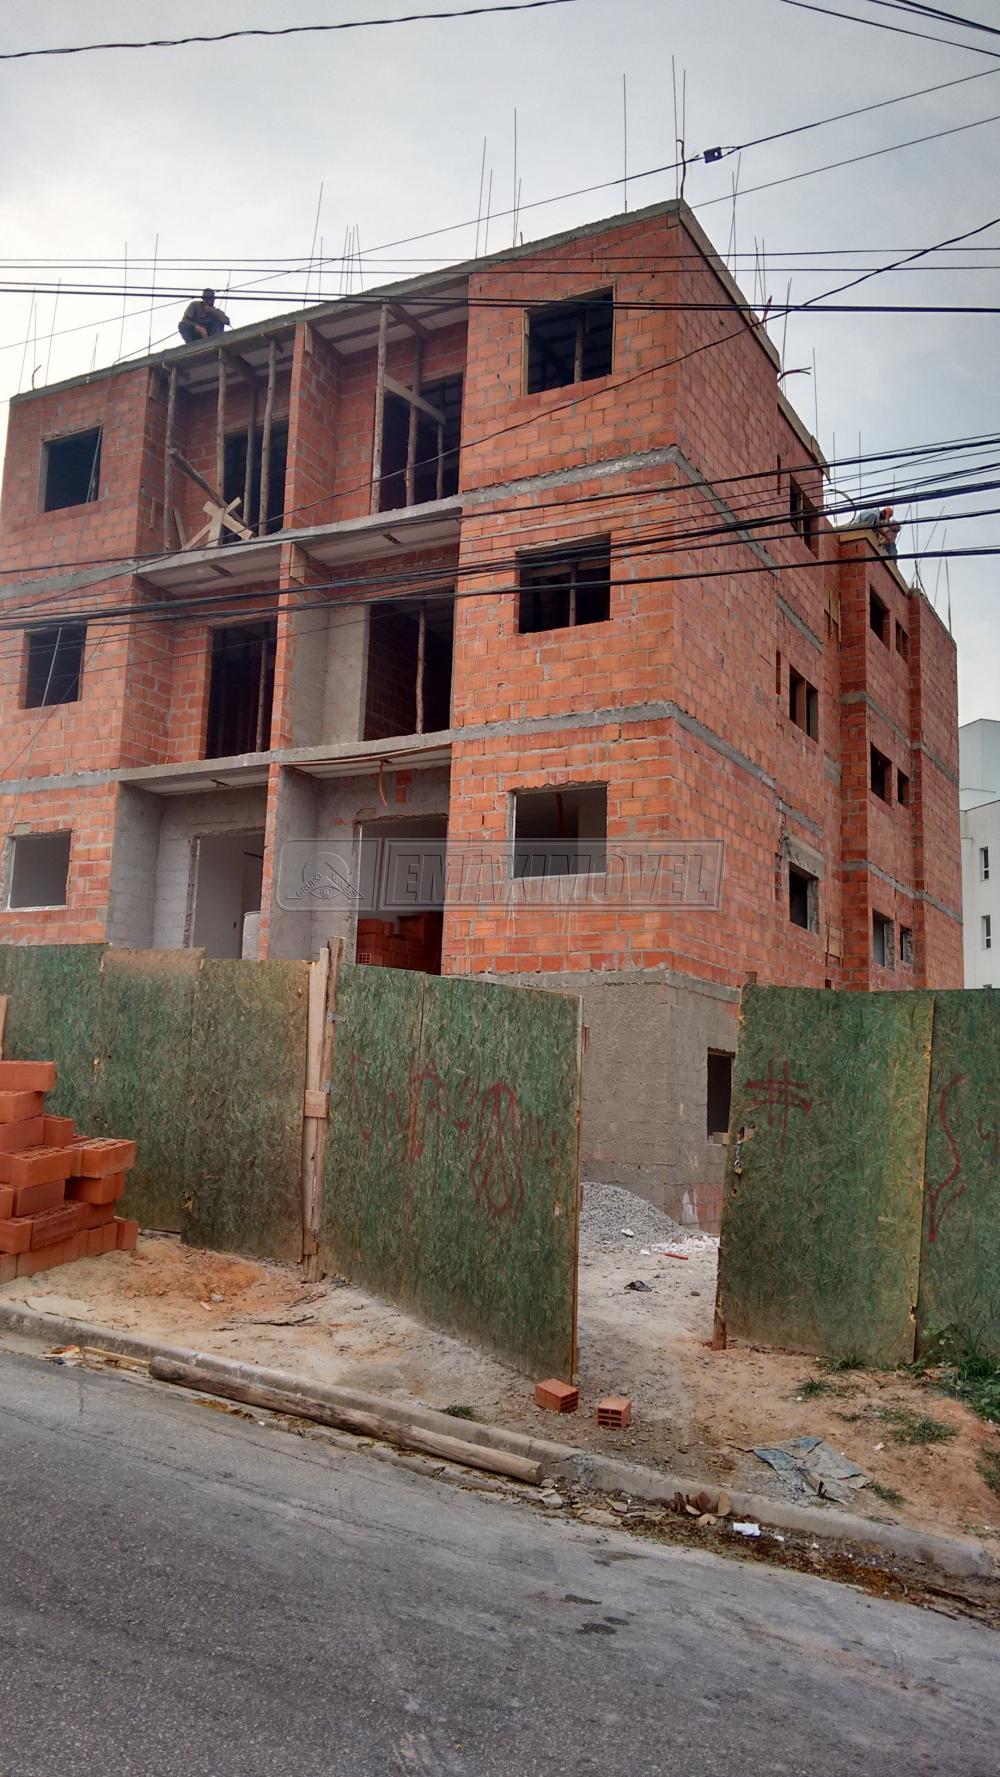 Comprar Apartamentos / Apto Padrão em Sorocaba apenas R$ 135.000,00 - Foto 3